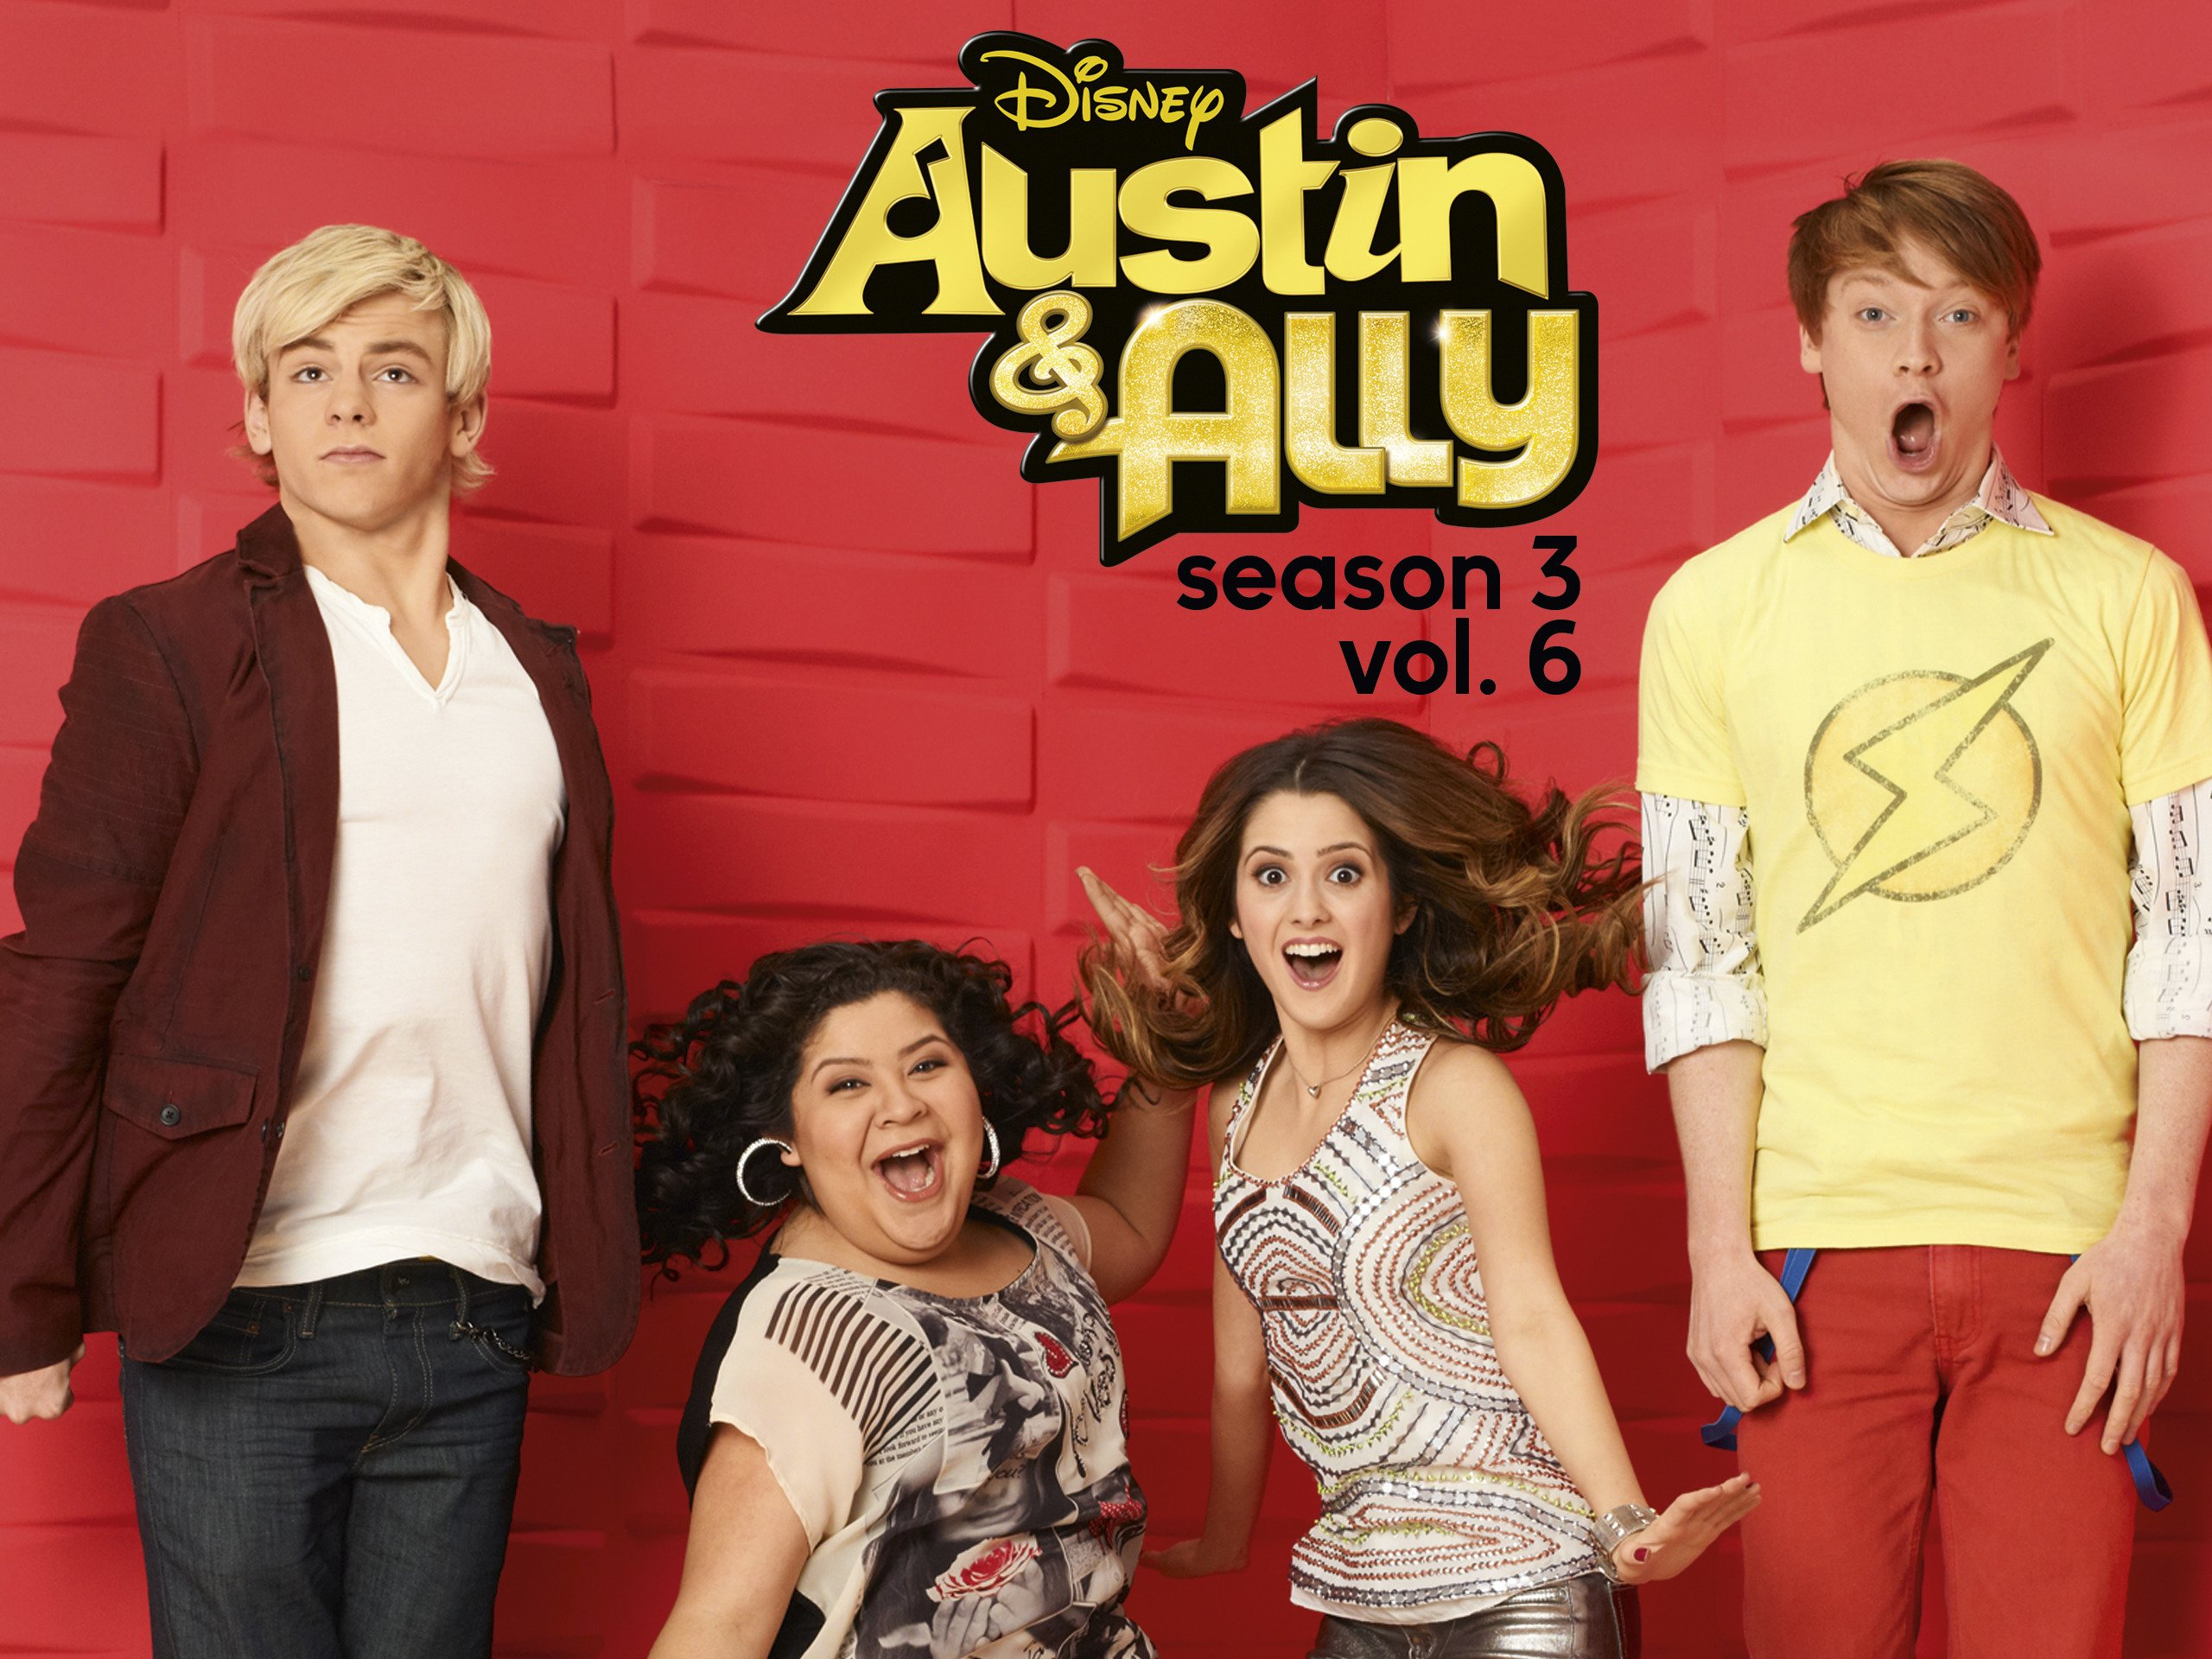 austin and ally episode 13 season 3